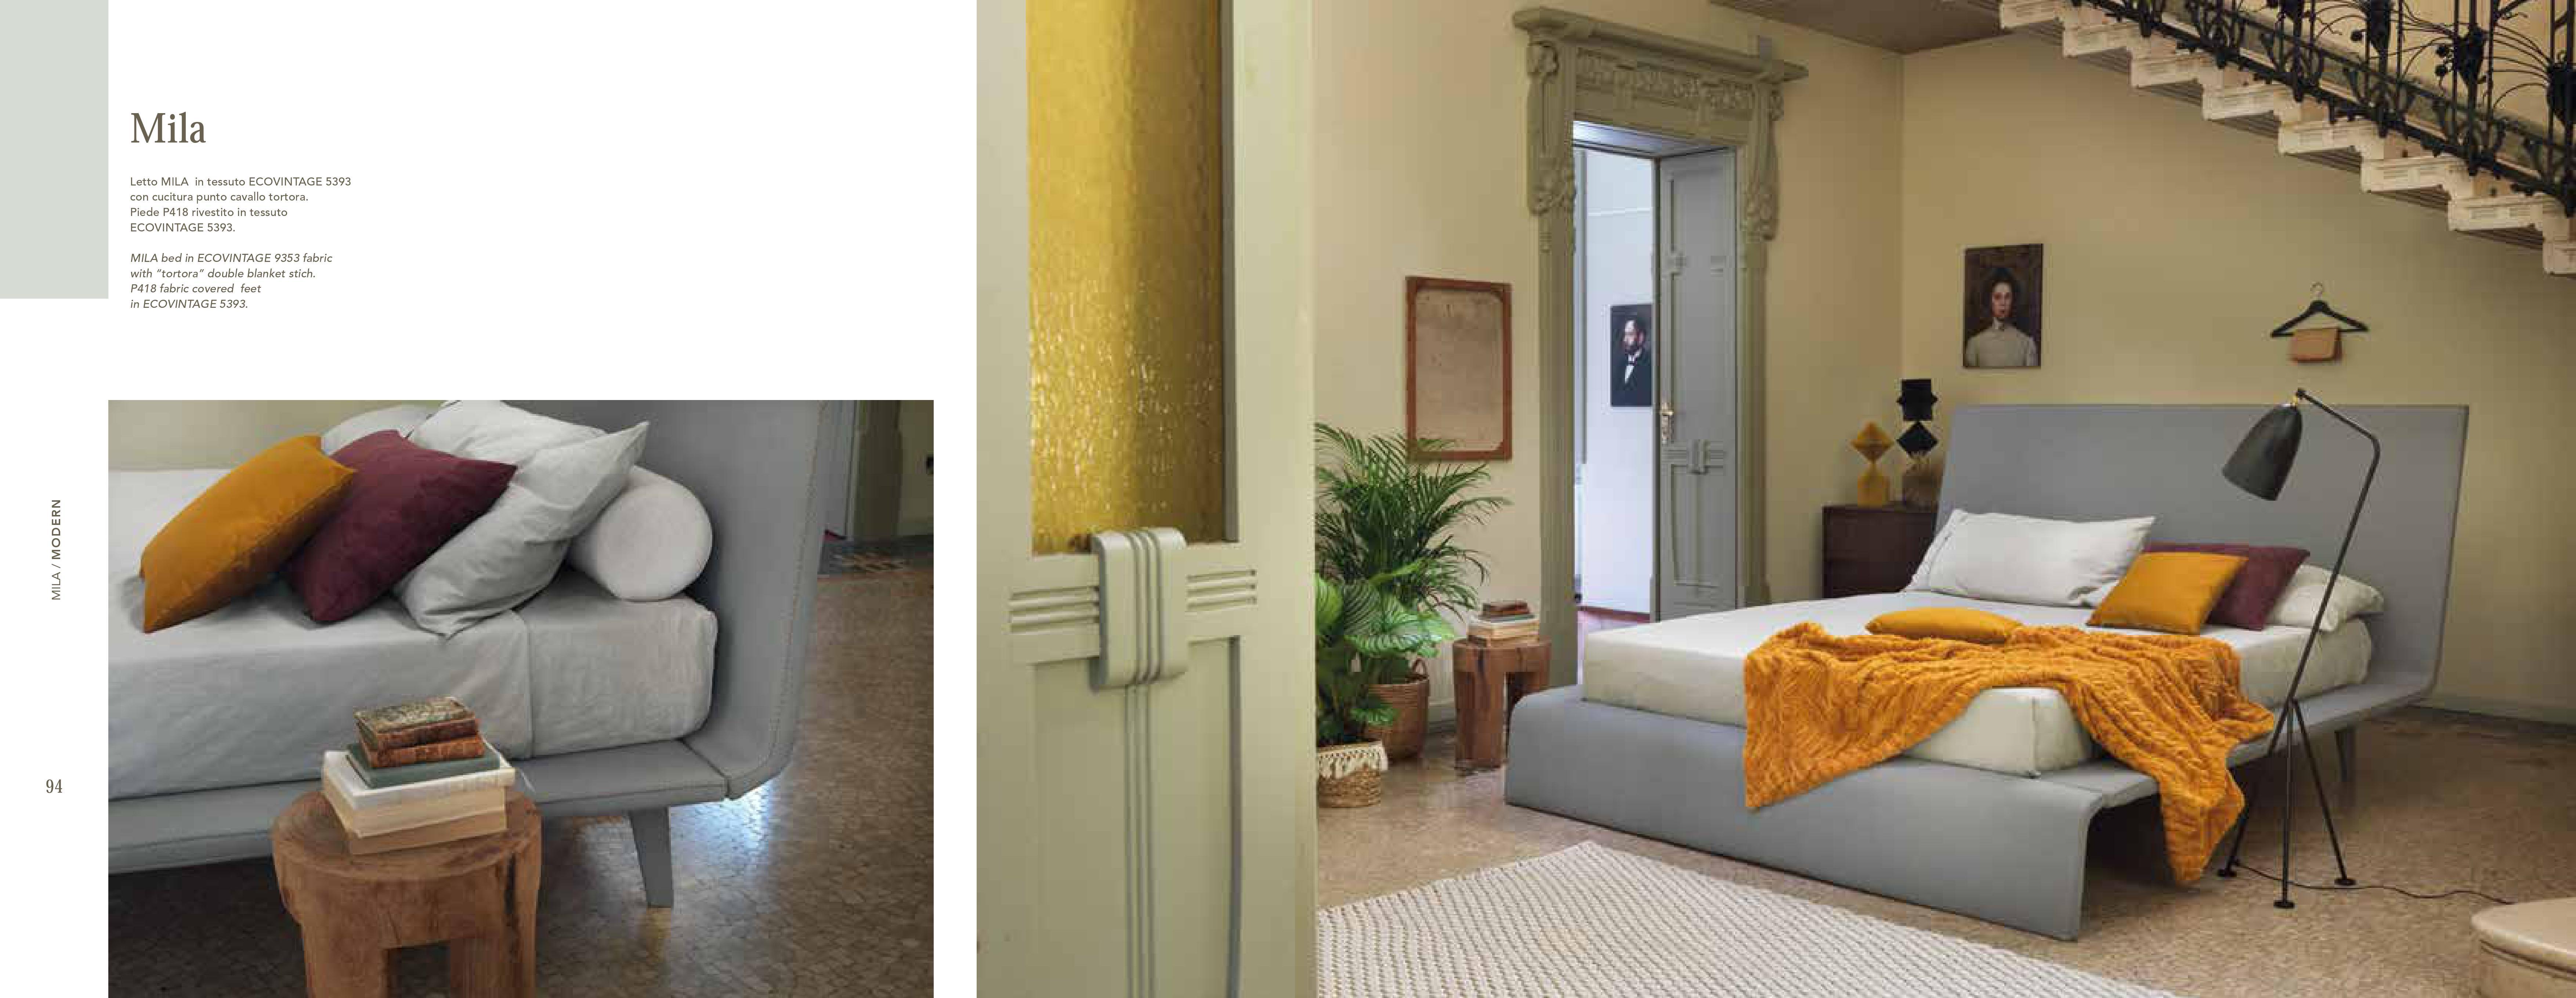 Linea letti ergogreen letti contenitore giroletto e for Letti vendita on line